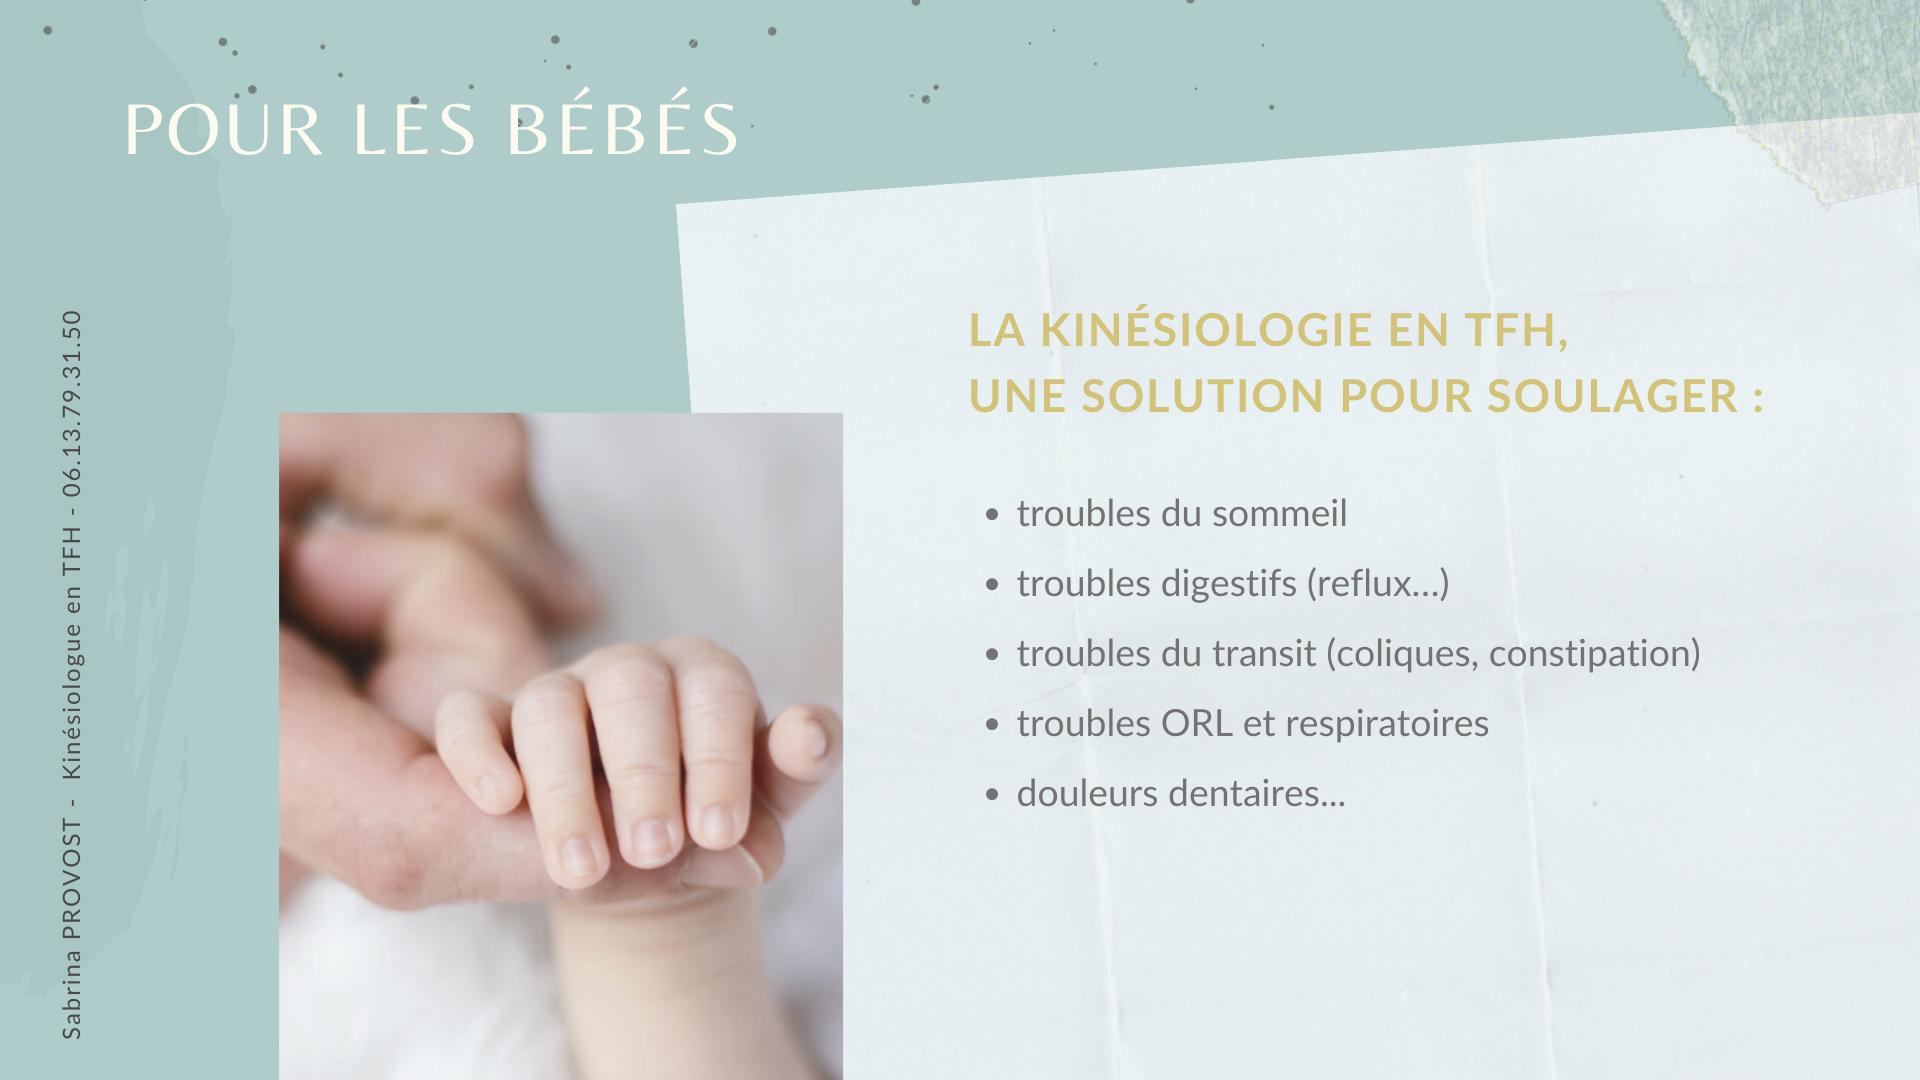 La kinésiologie en TFH, pour les bébés